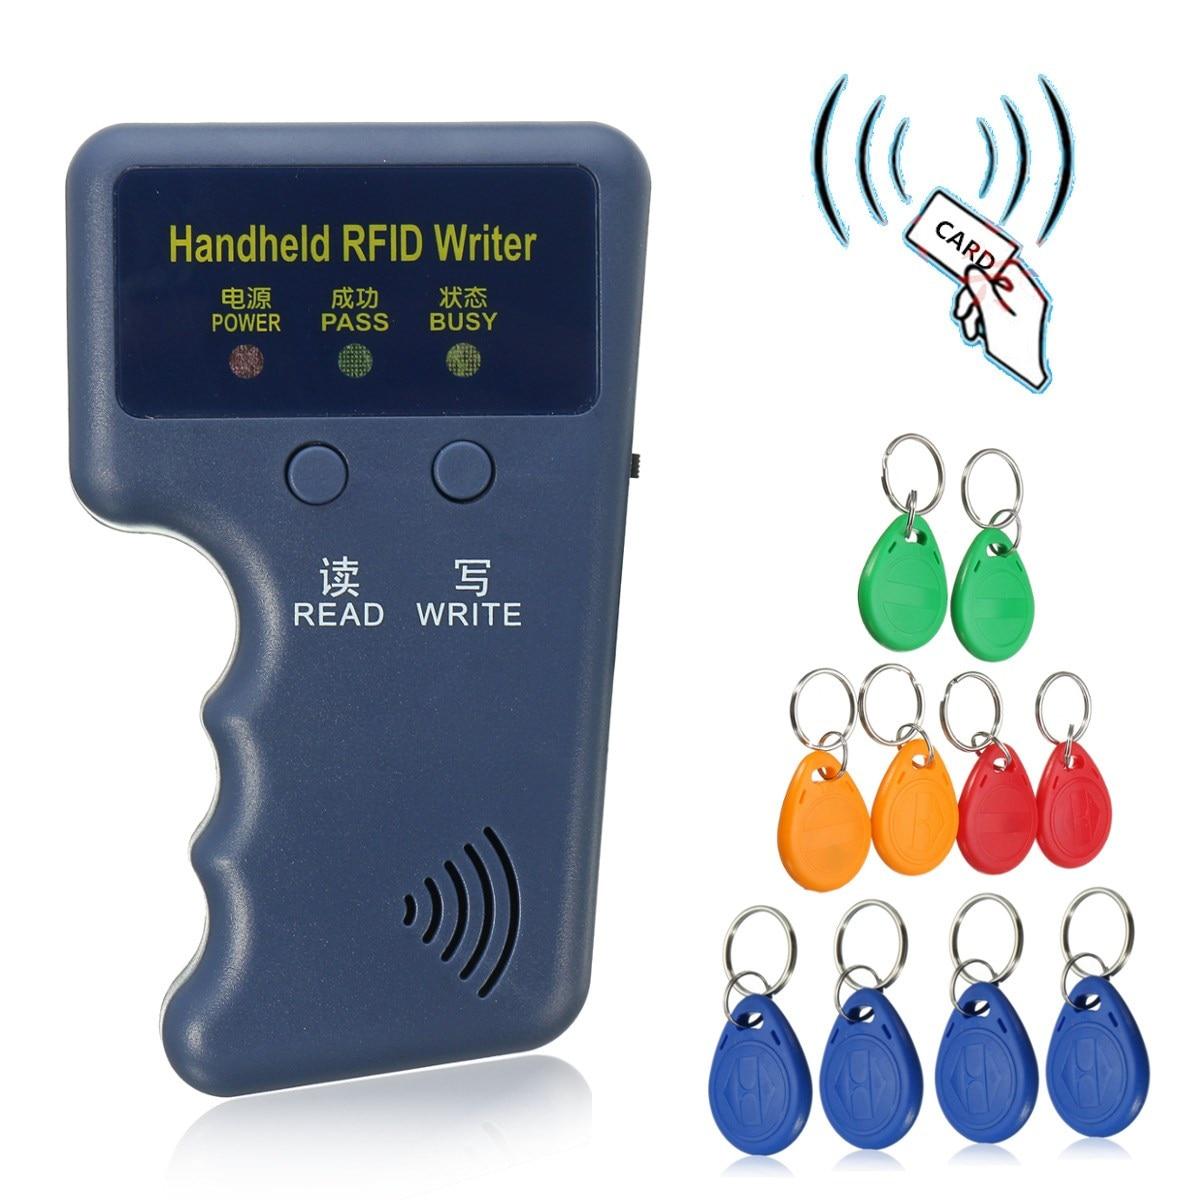 Handheld 125KHz EM4100 RFID Copier Writer Duplicator Programmer Reader + 10 Pcs EM4305 T5577 Rewritable ID Keyfobs Tags Card handheld 125khz rfid duplicator key copier reader writer id card cloner programmer 5 keys 5pcs rewritable cards em4305 t5577